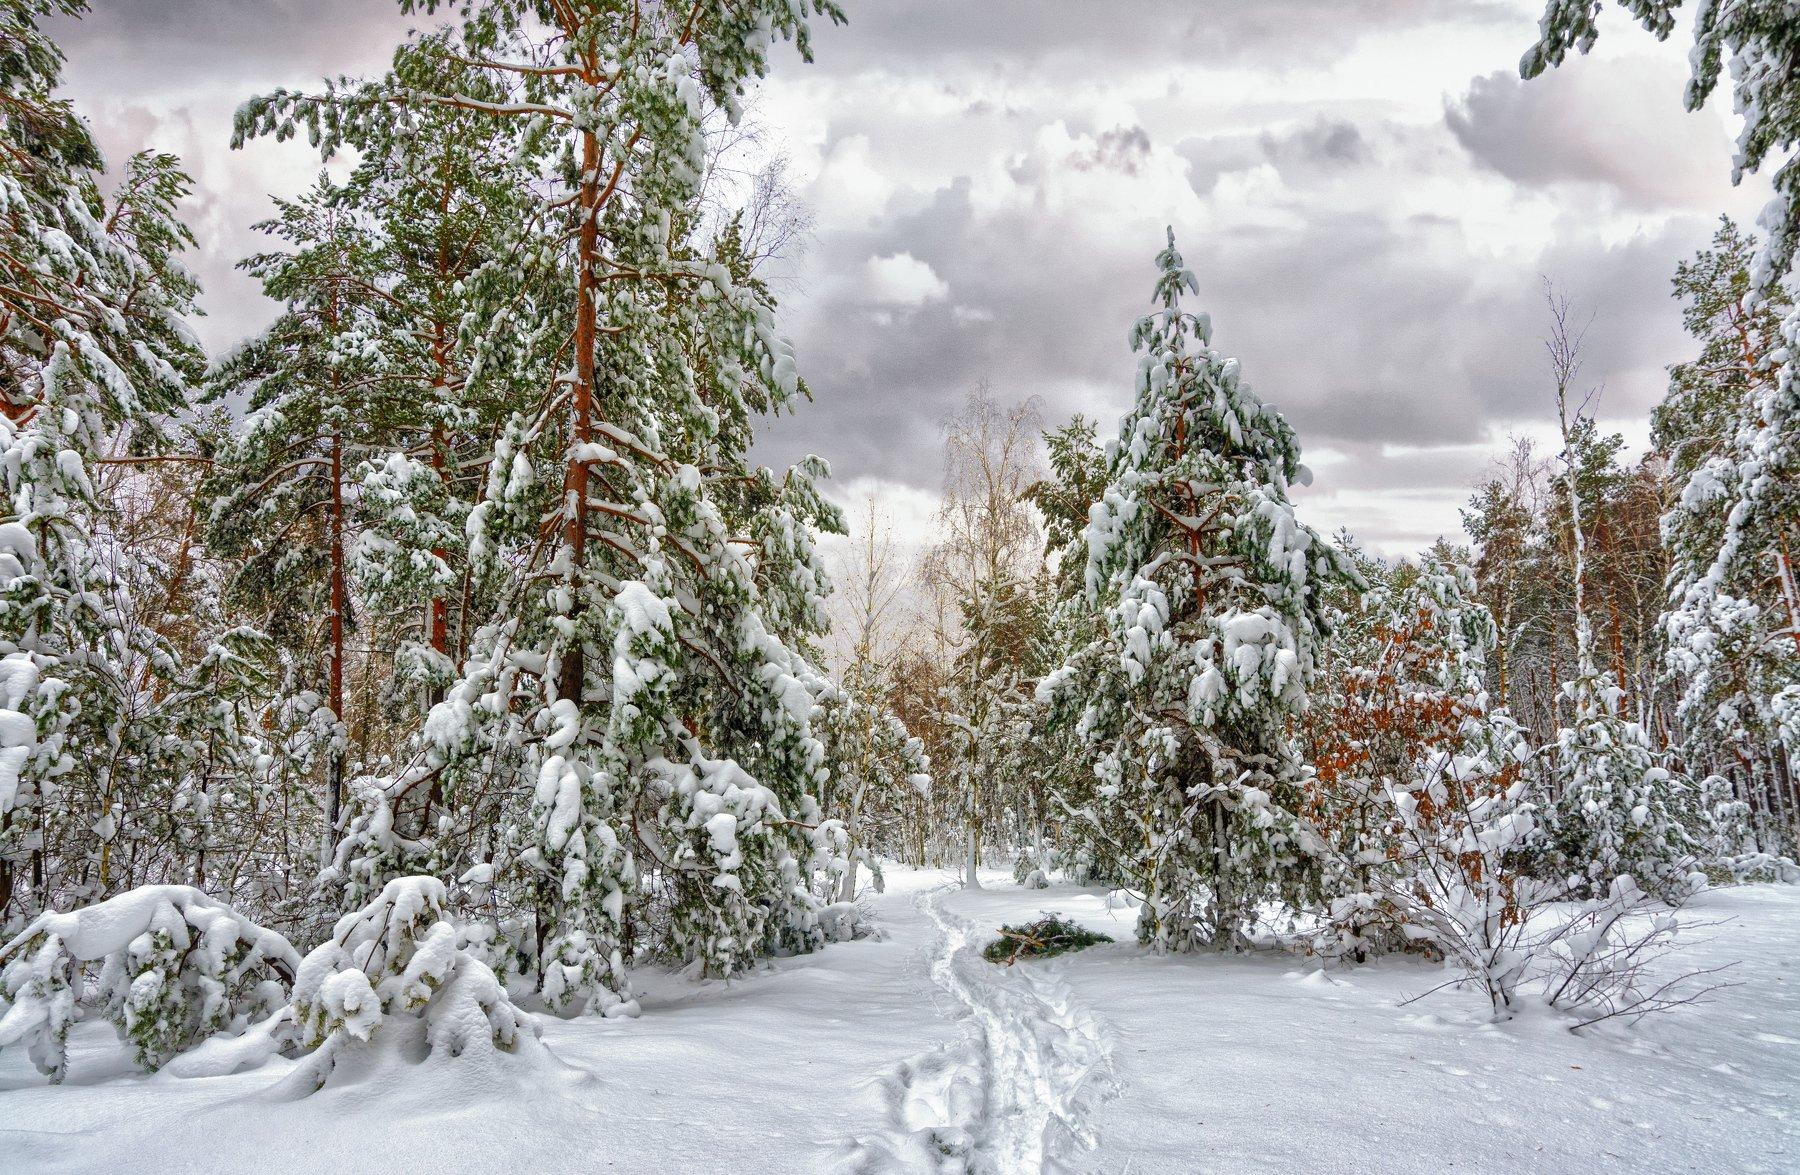 landscape, пейзаж,  лес,  деревья,  природа,   сосны, тропинка, прогулка, снег, зима, мороз,, Михаил MSH